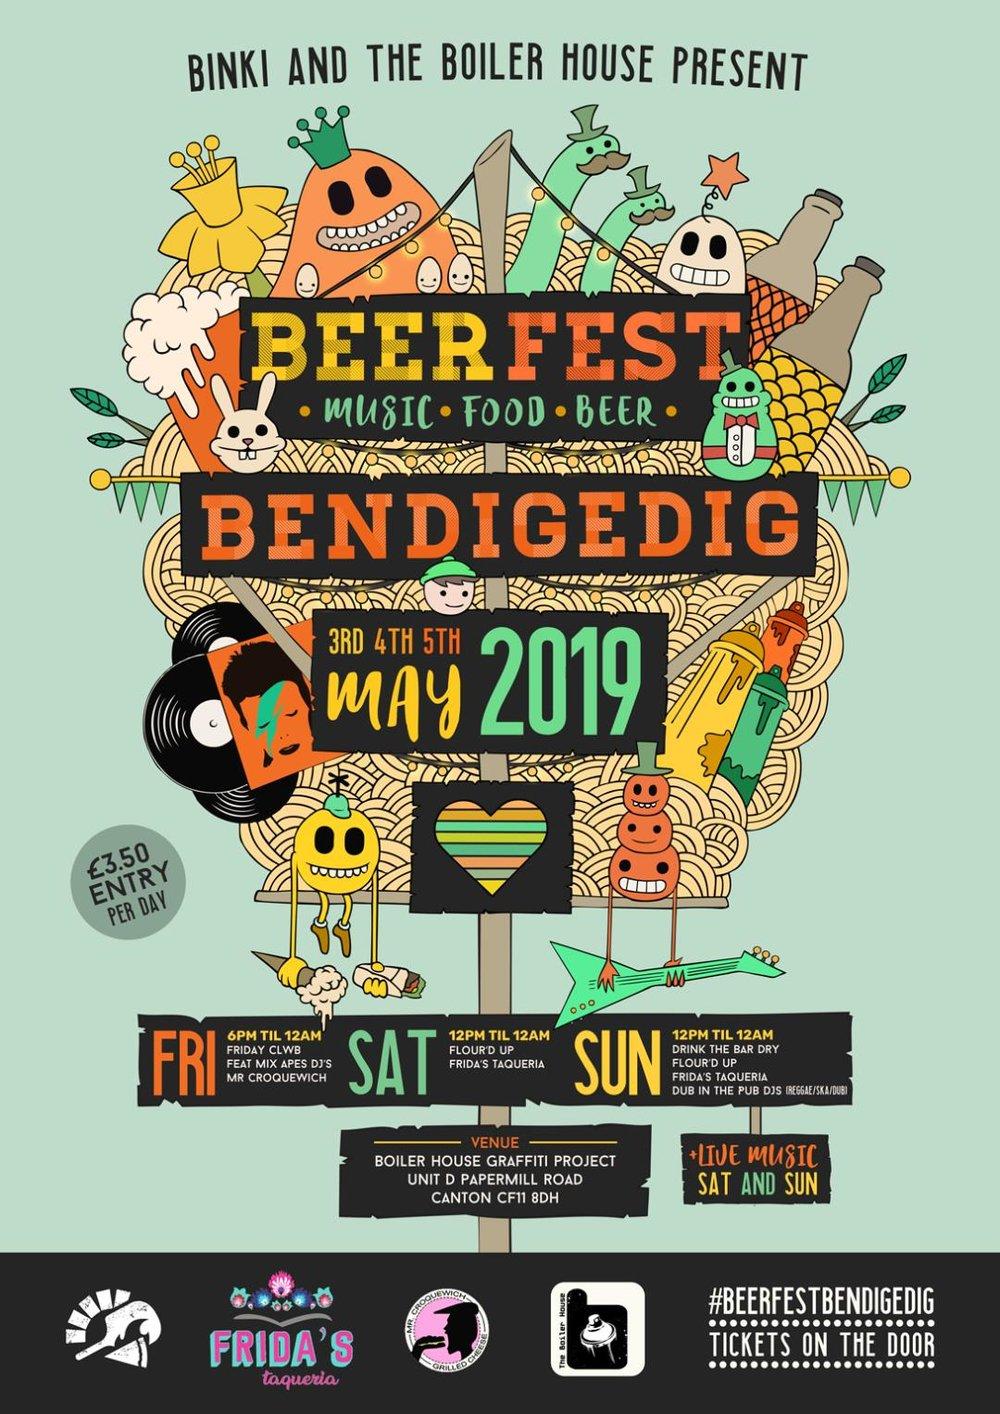 Beer Fest Bendigedig